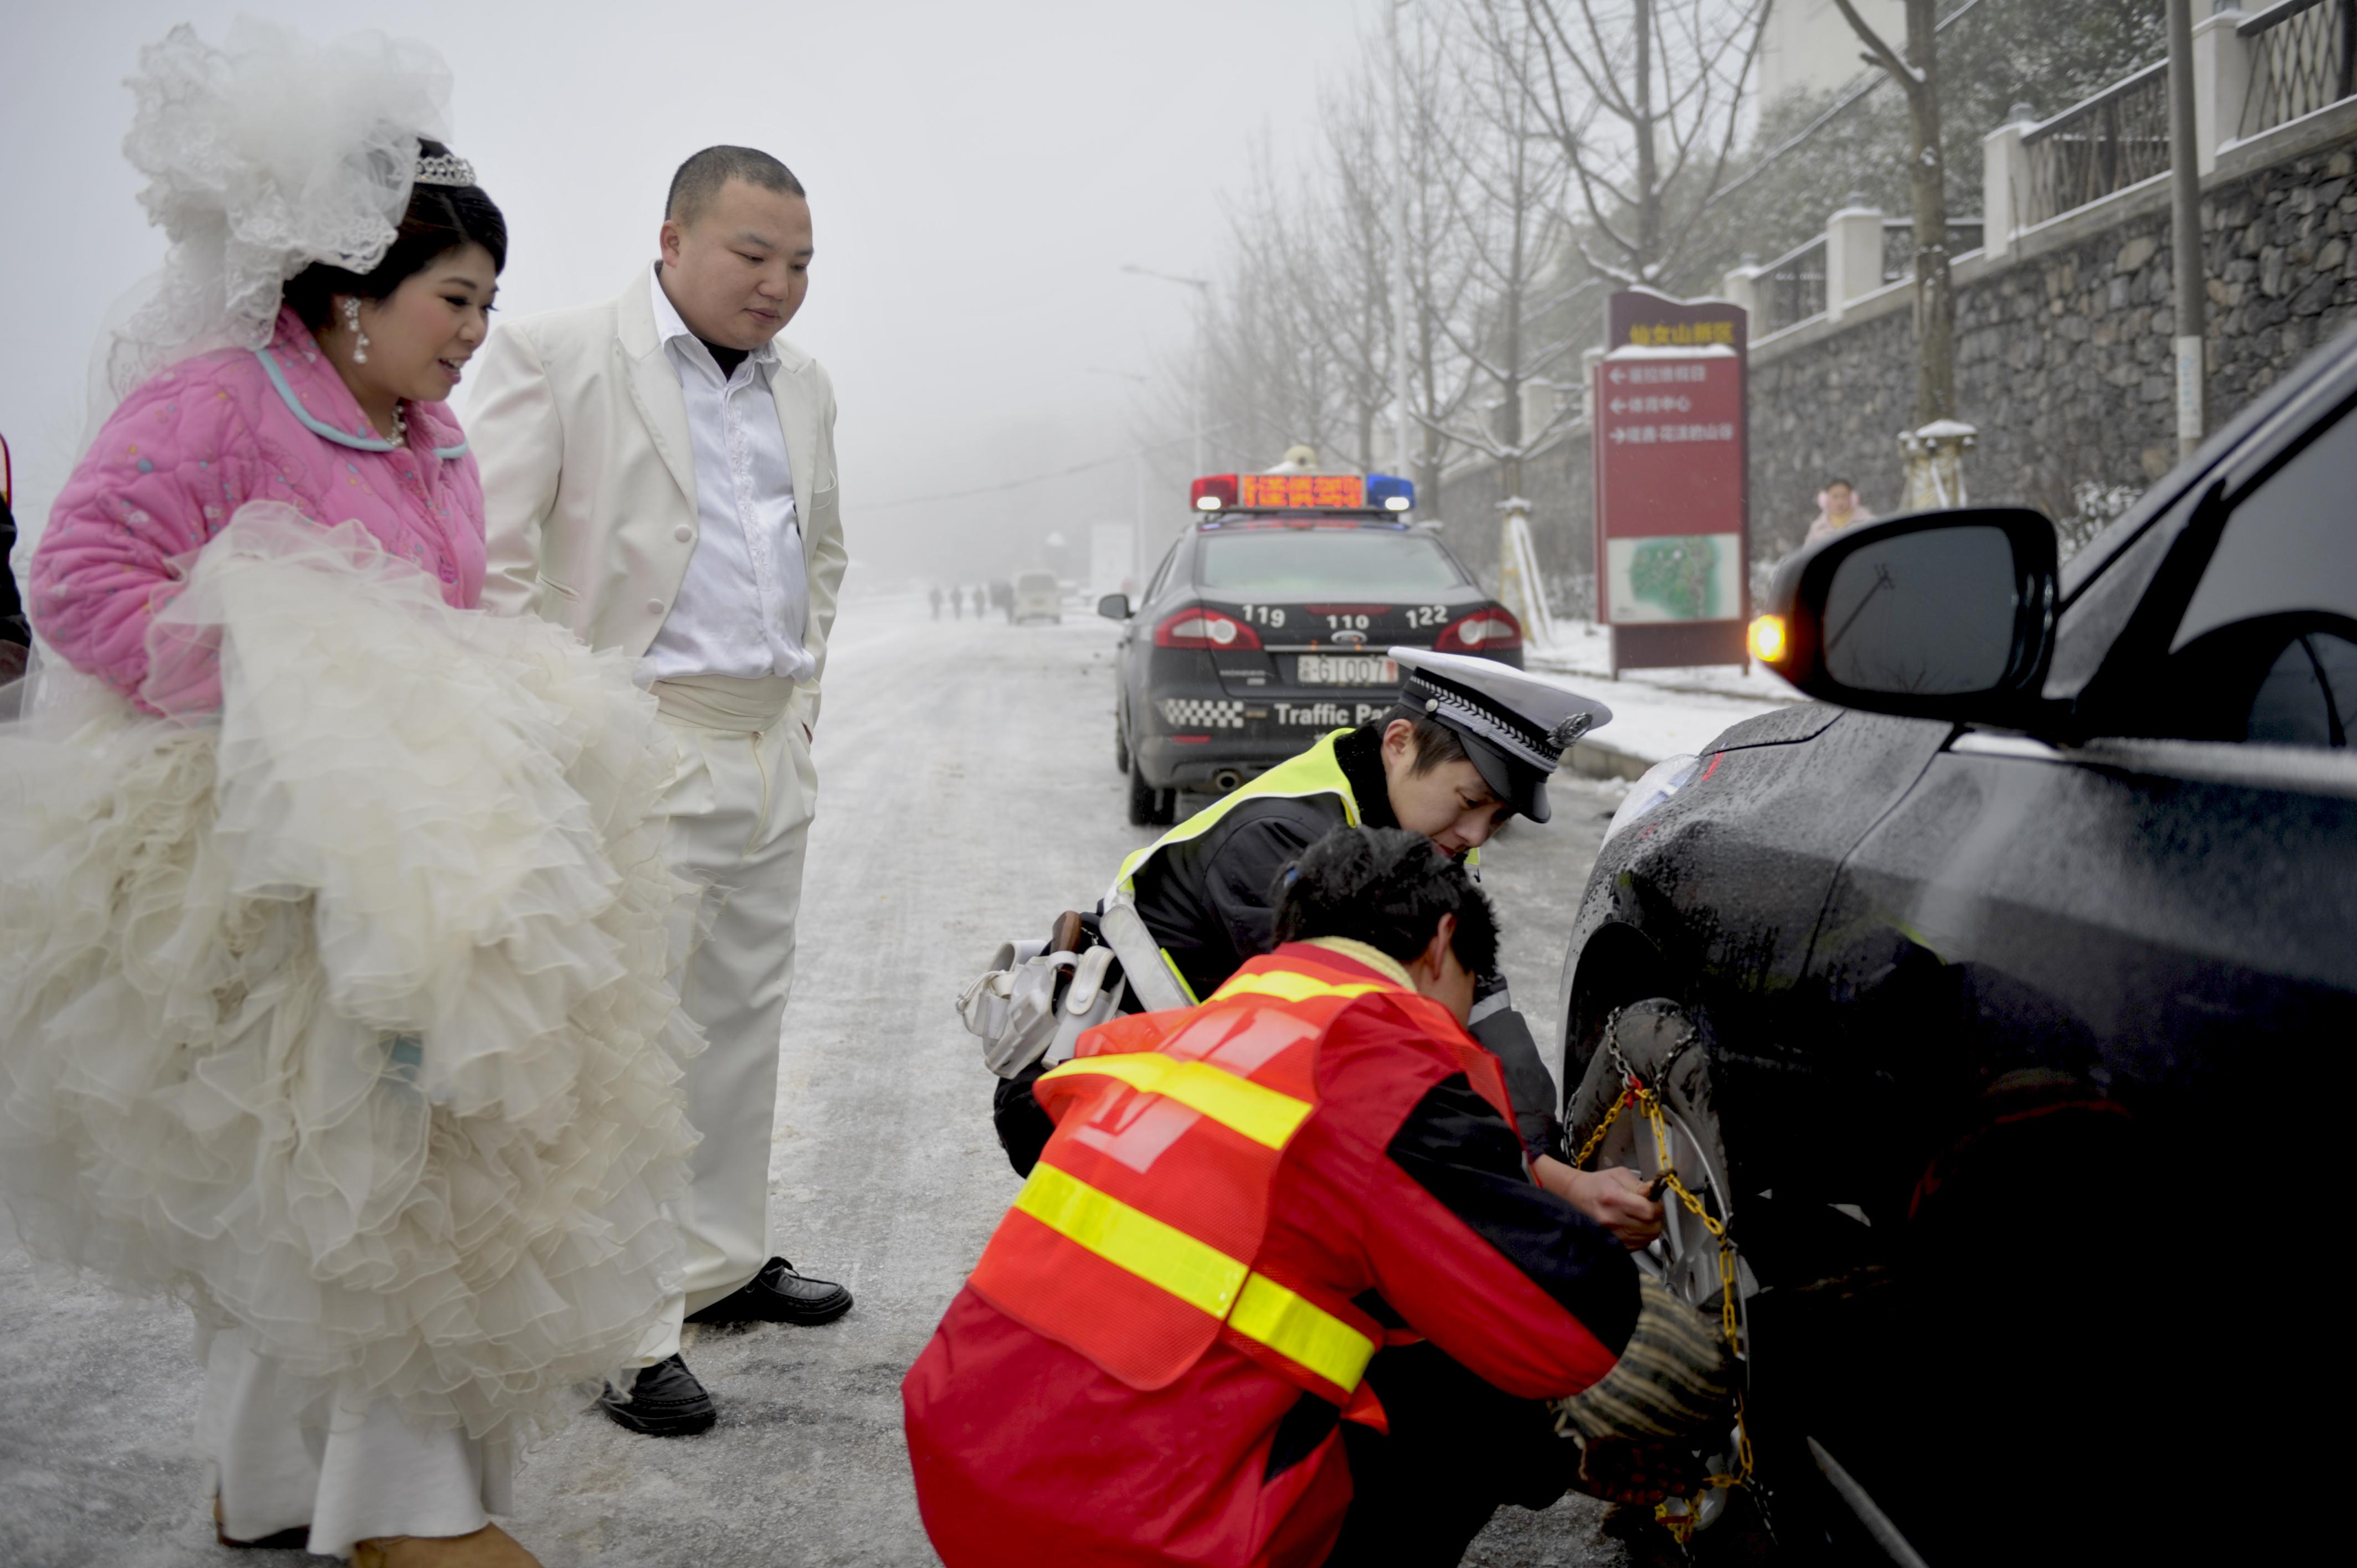 二等奖:《新婚路上交巡警为我们系上爱的链条》法宣处 张旭东摄影